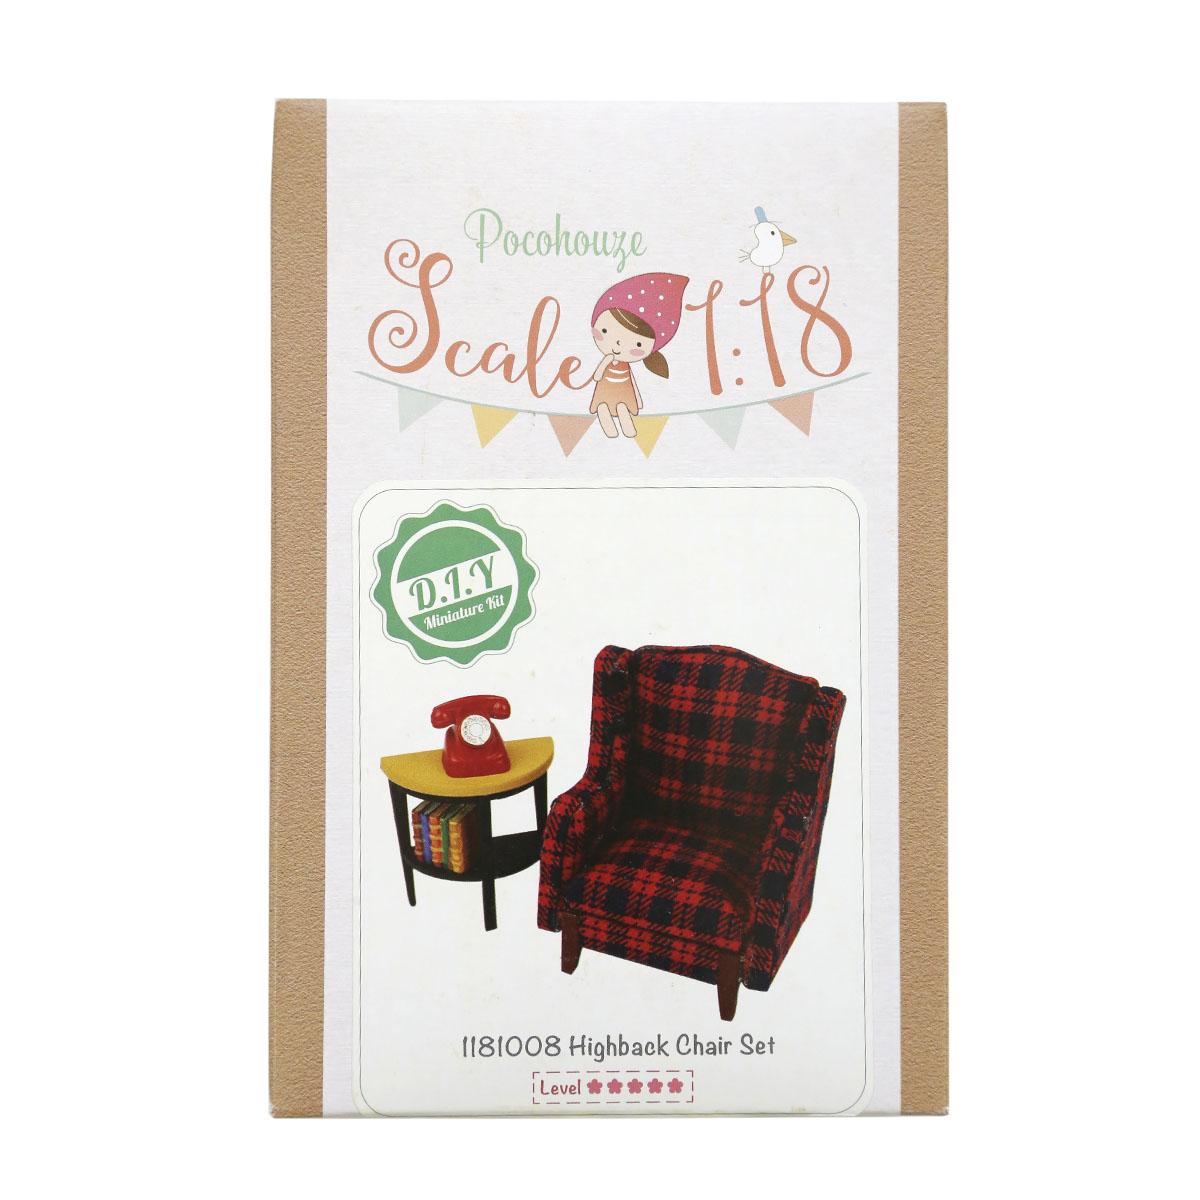 Набор для изготовления миниатюры Pocohouse Кресло и столик. 1181008 бернадетт куксарт лепим мебель для кукольного дома